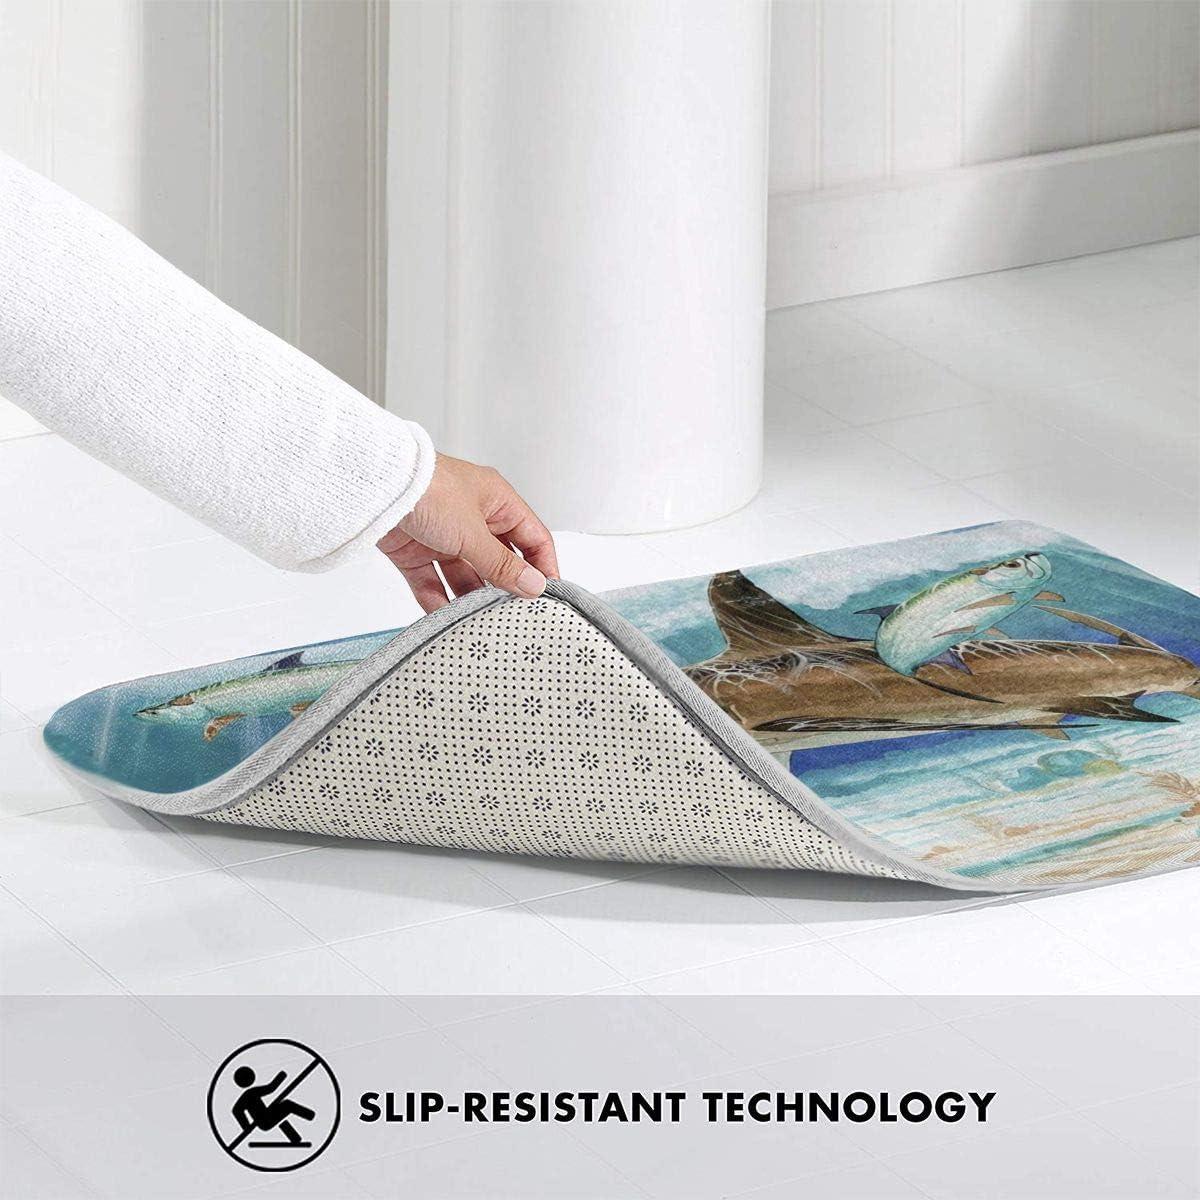 Anti-Slip Rubber Back Does Not Damage The Floor 15.7 X 23.6 Inch FREDDIE-ADAMS Horse Watercolor Home Bathroom Bath Shower Bedroom Mat Toilet Floor Door Mat Rug Carpet Pad Doormat